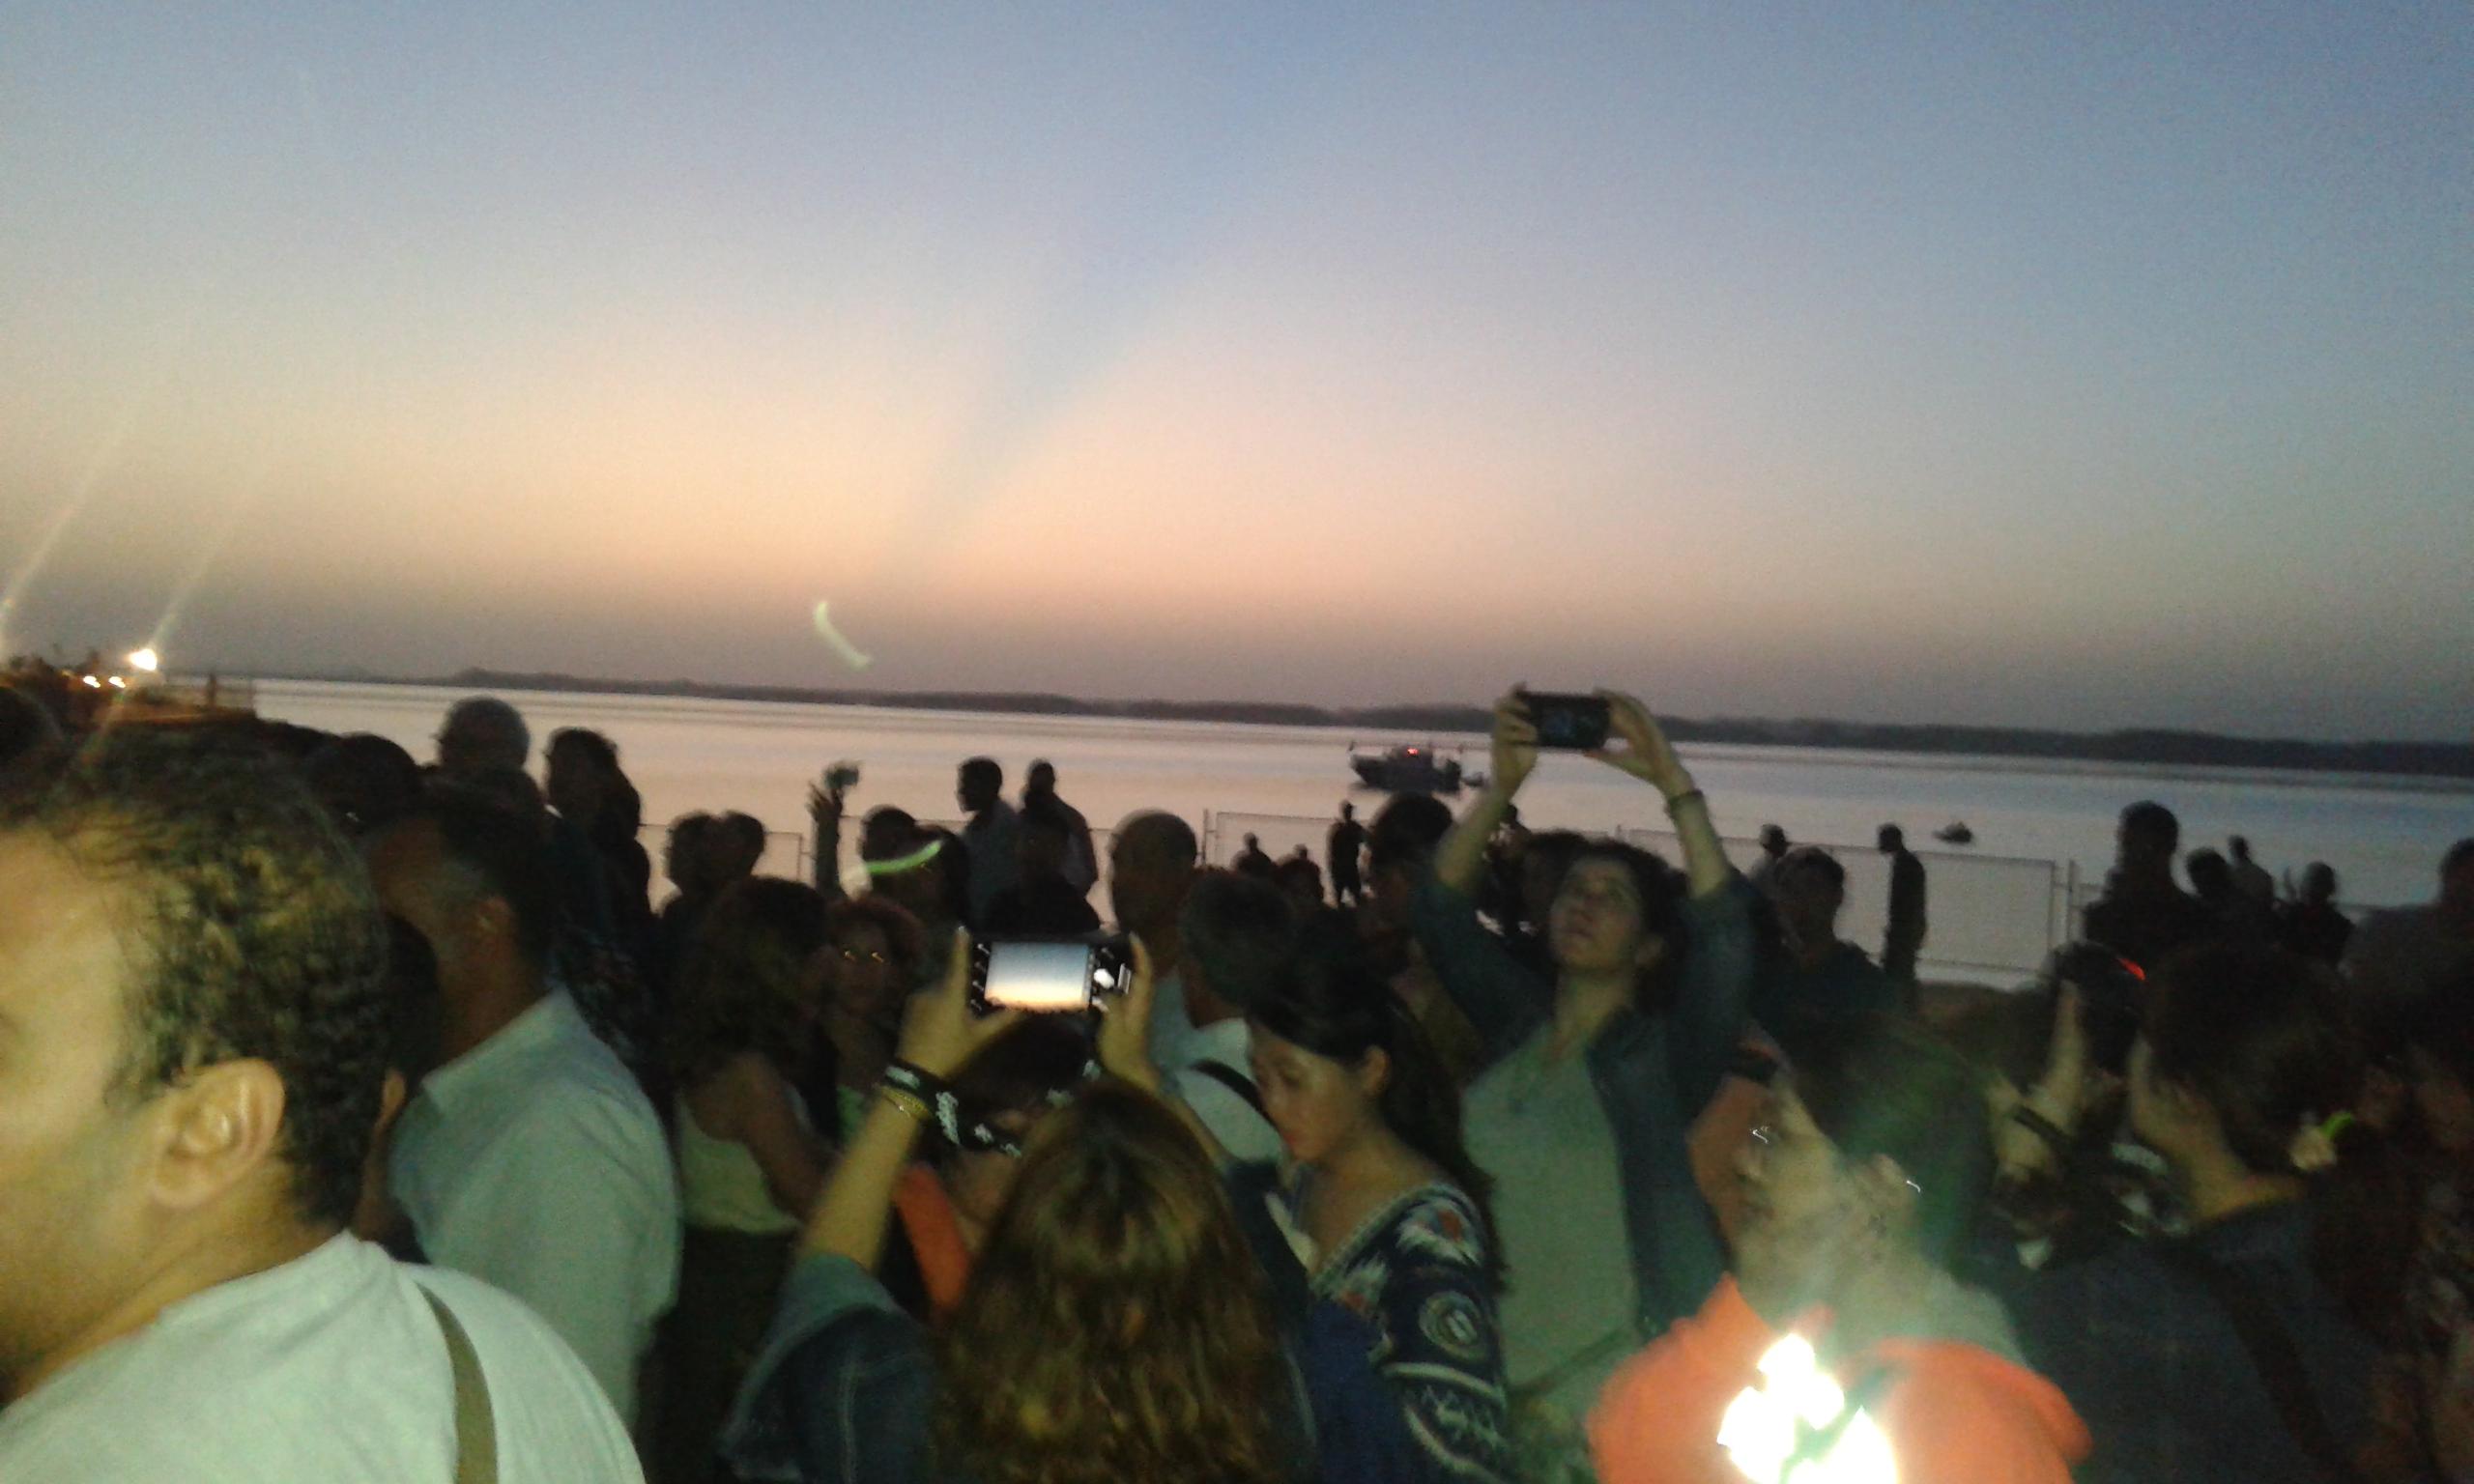 السياح يلتقطون السيلفى أمام معبد أبو سمبل (1)